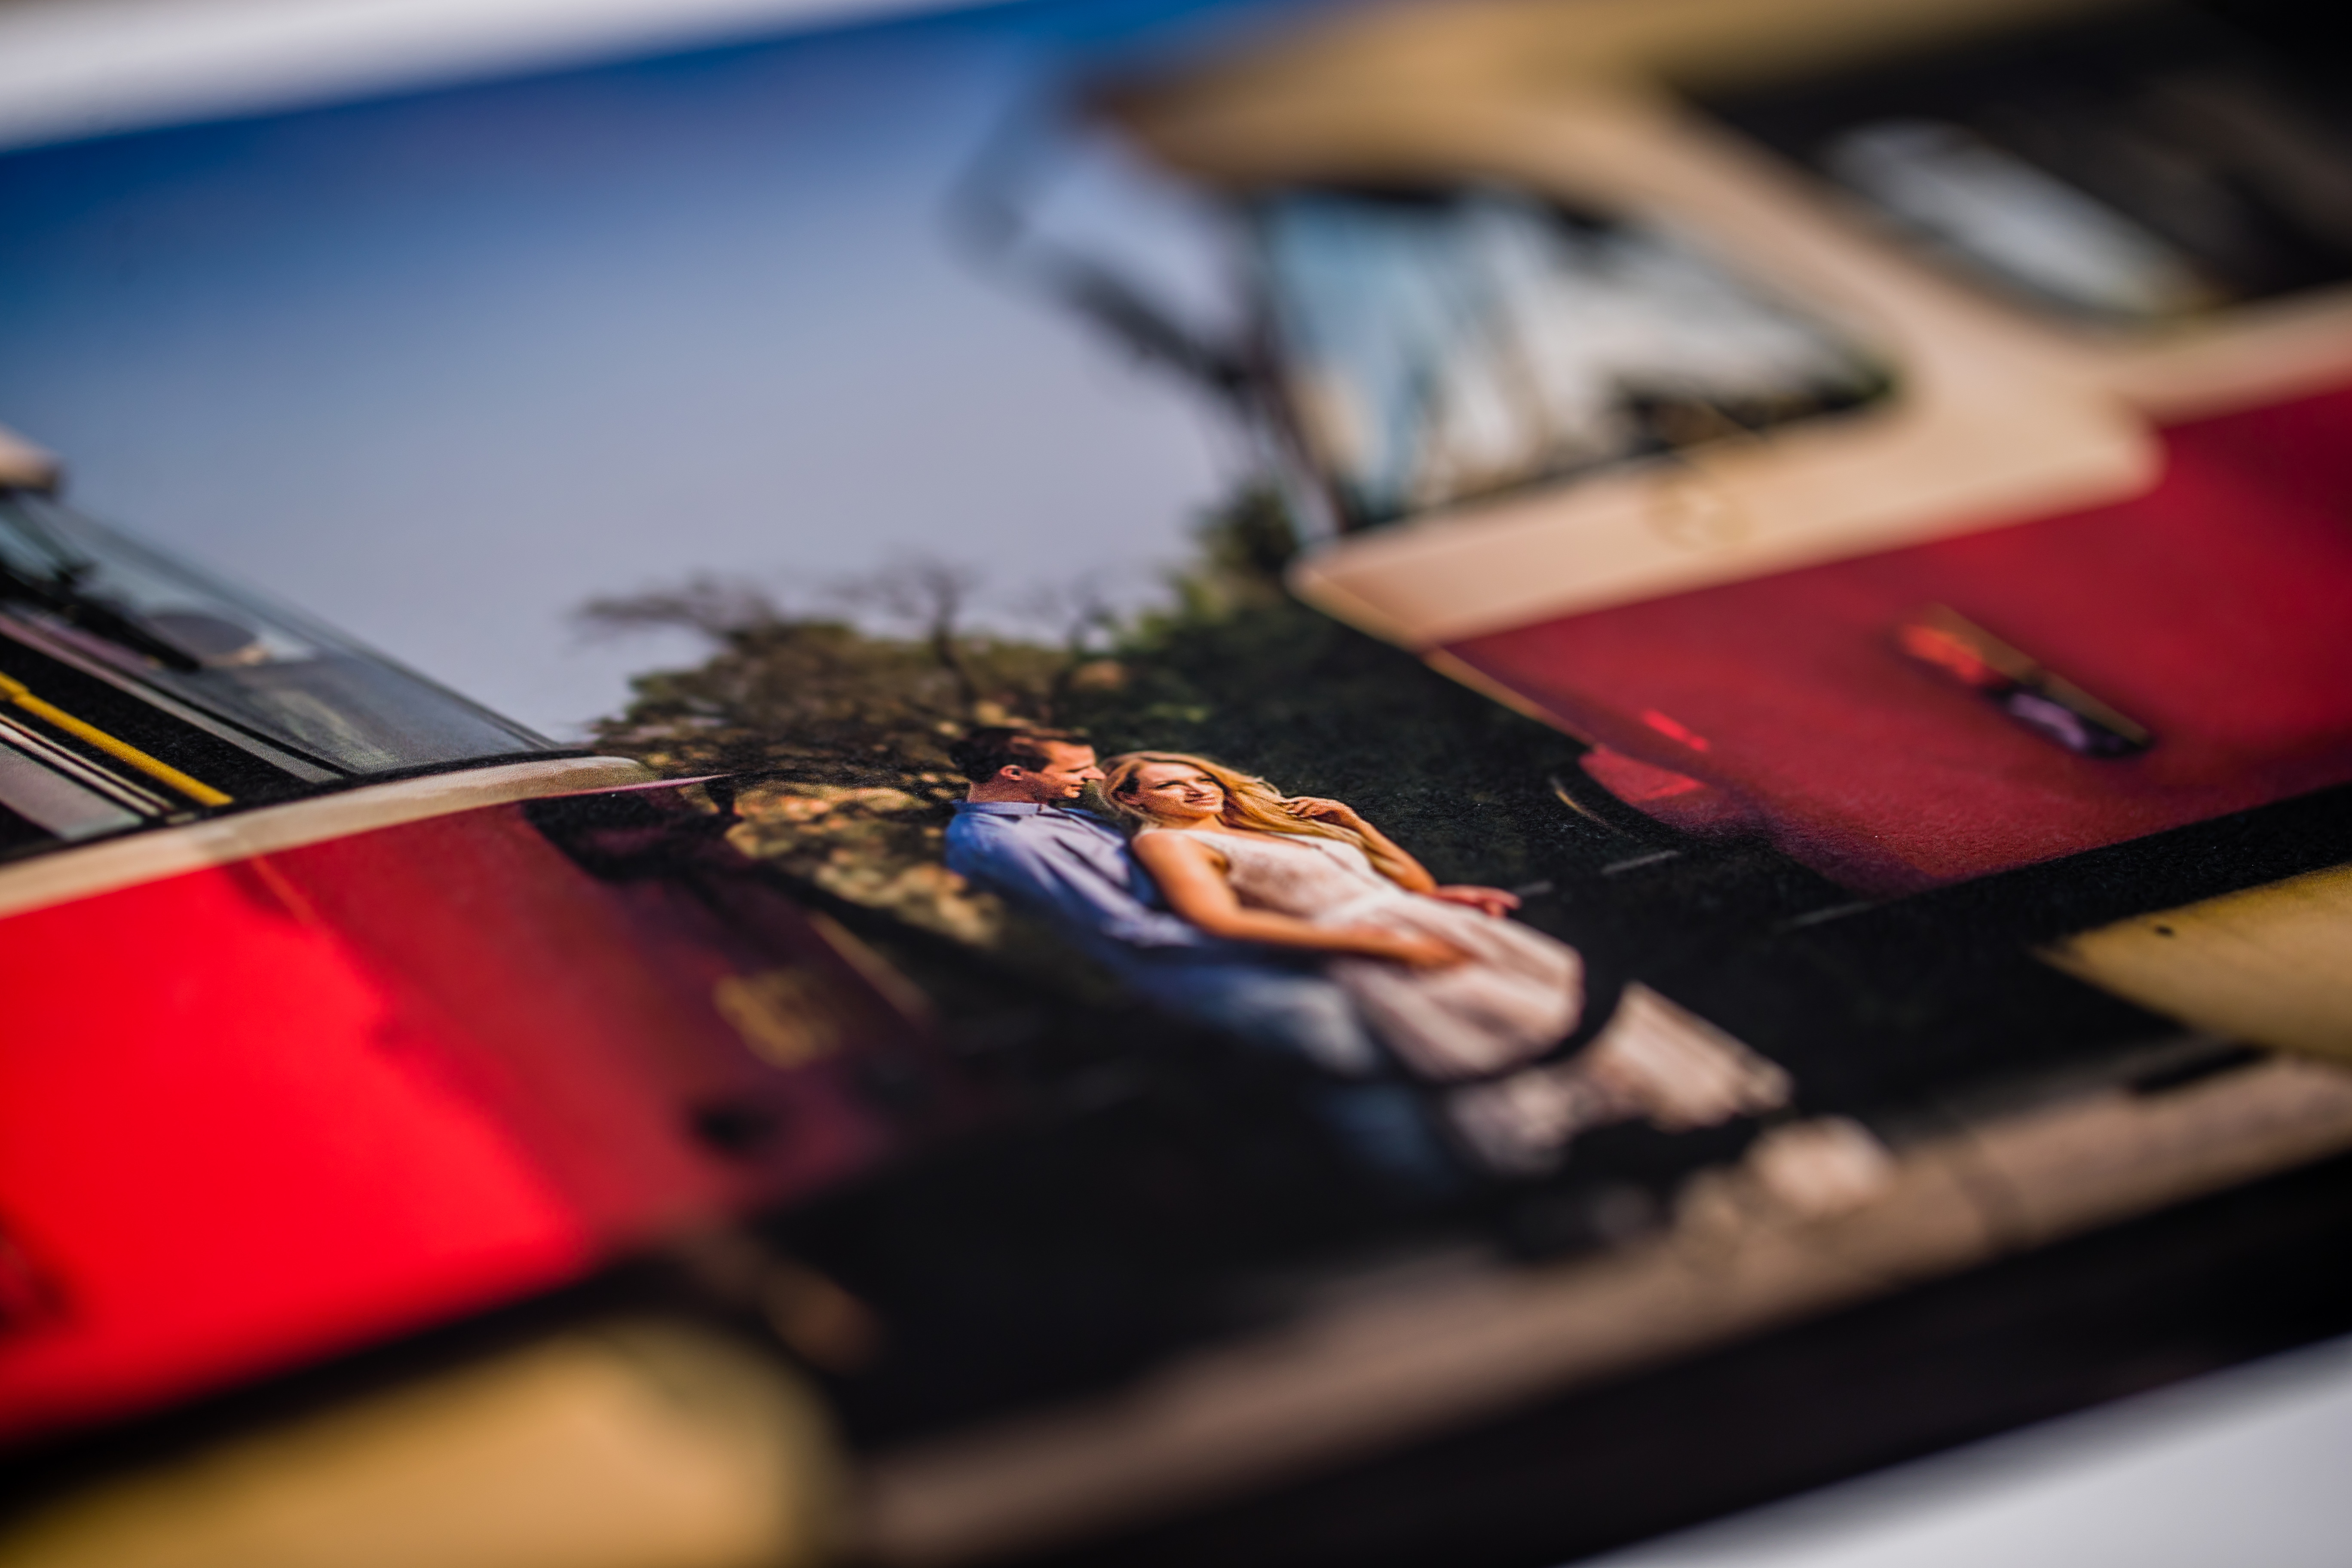 Papier w albumach finartowych jest matowy, lecz bardzo dobrze odwzorowuje kolory i szczegóły obrazu.